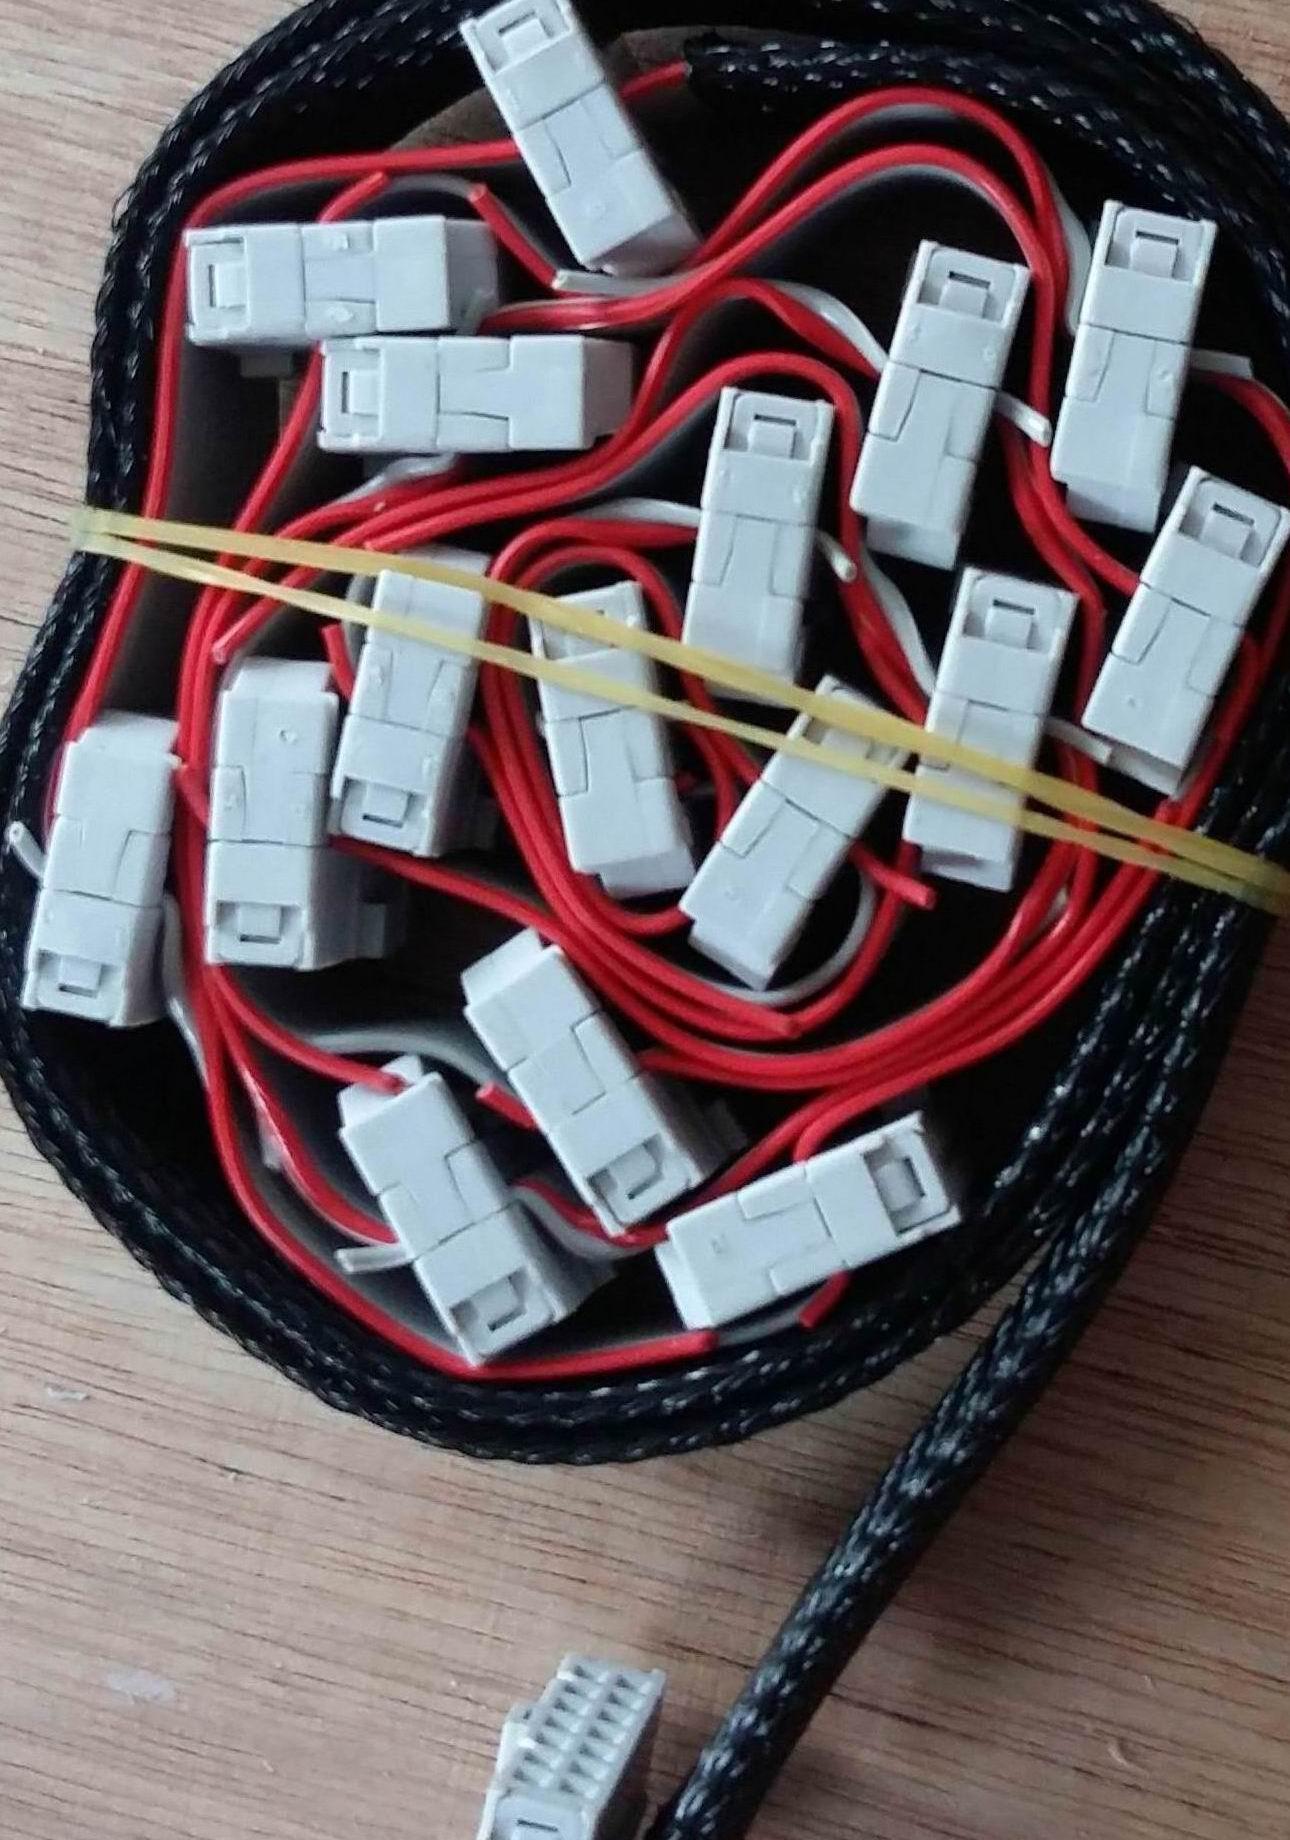 连接线(图)